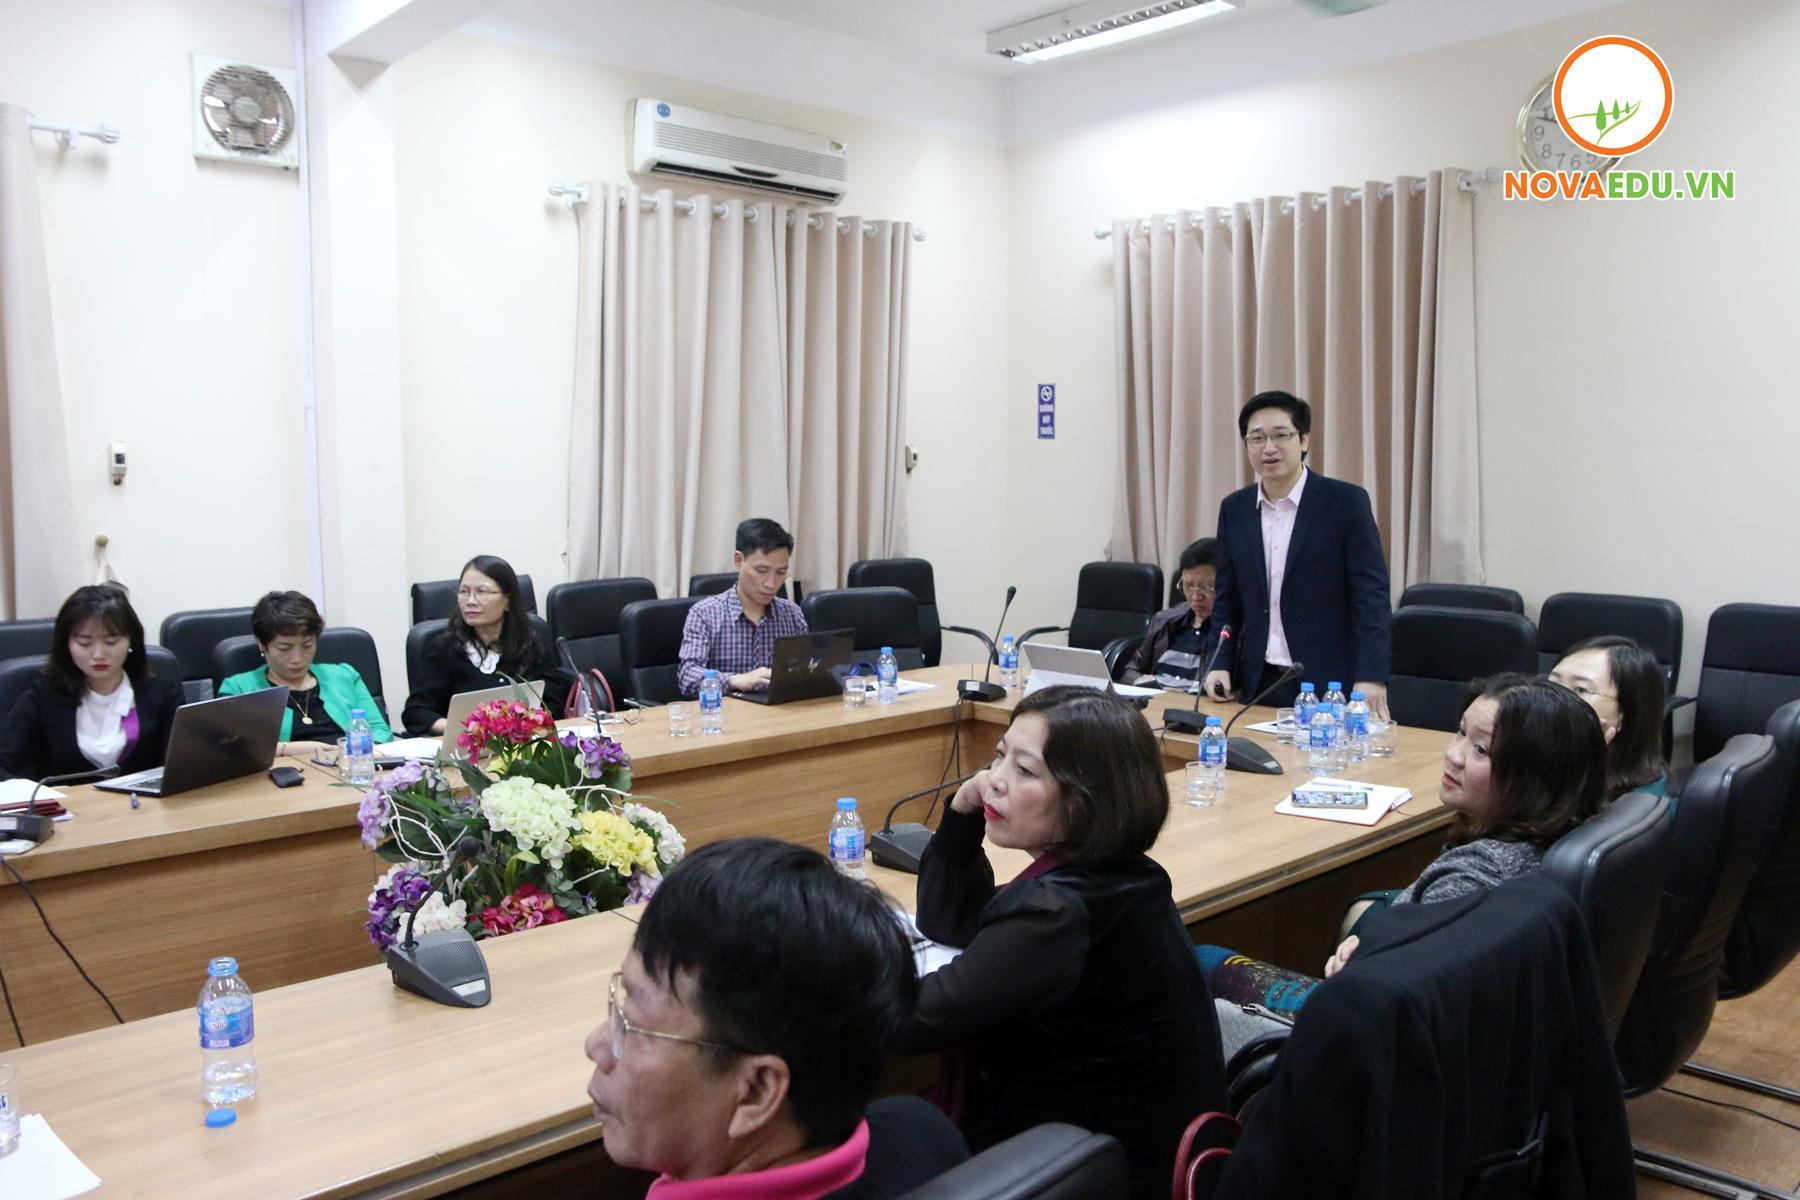 Ông Đỗ Mạnh Hùng - Tổng Giám đốc Novaedu tham luận về giá trị của nhà trường đạt được khi sinh viên tham gia vào hành trình  khởi nghiệp